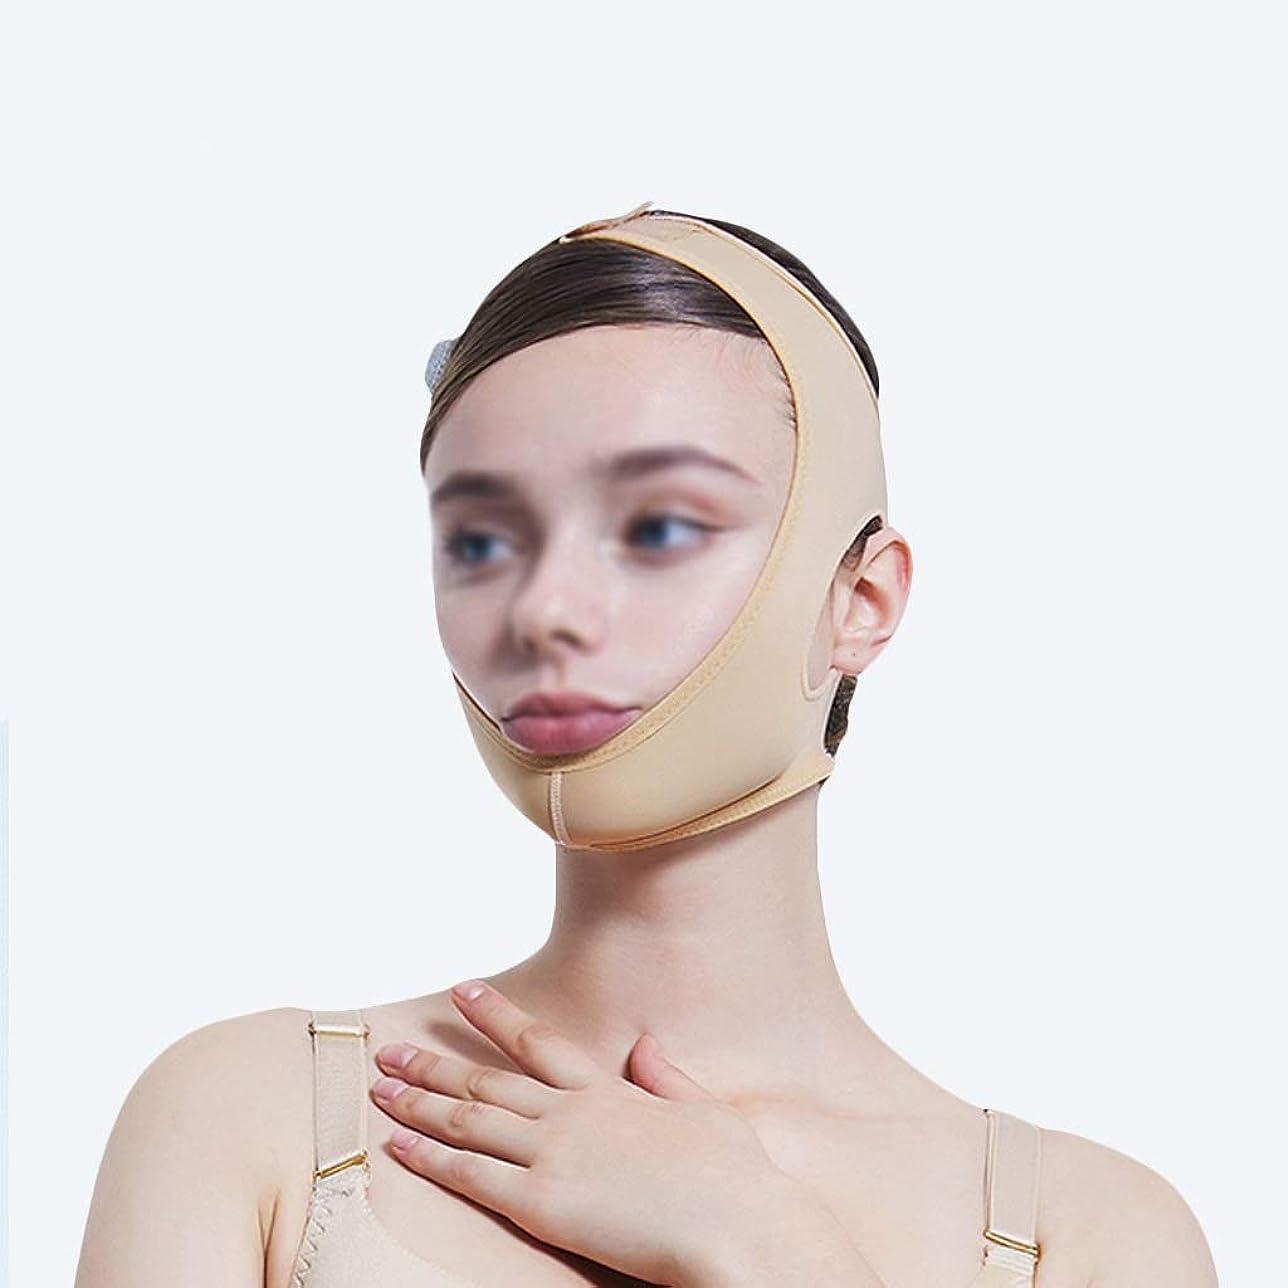 接続詞偽果てしないフェイシャルライン、頬、しわ防止フェイシャル減量、フェイスバンド、フェイスマスク、フェイスリフティング、通気性、ダブルチンストラップ(サイズ:XXL),S